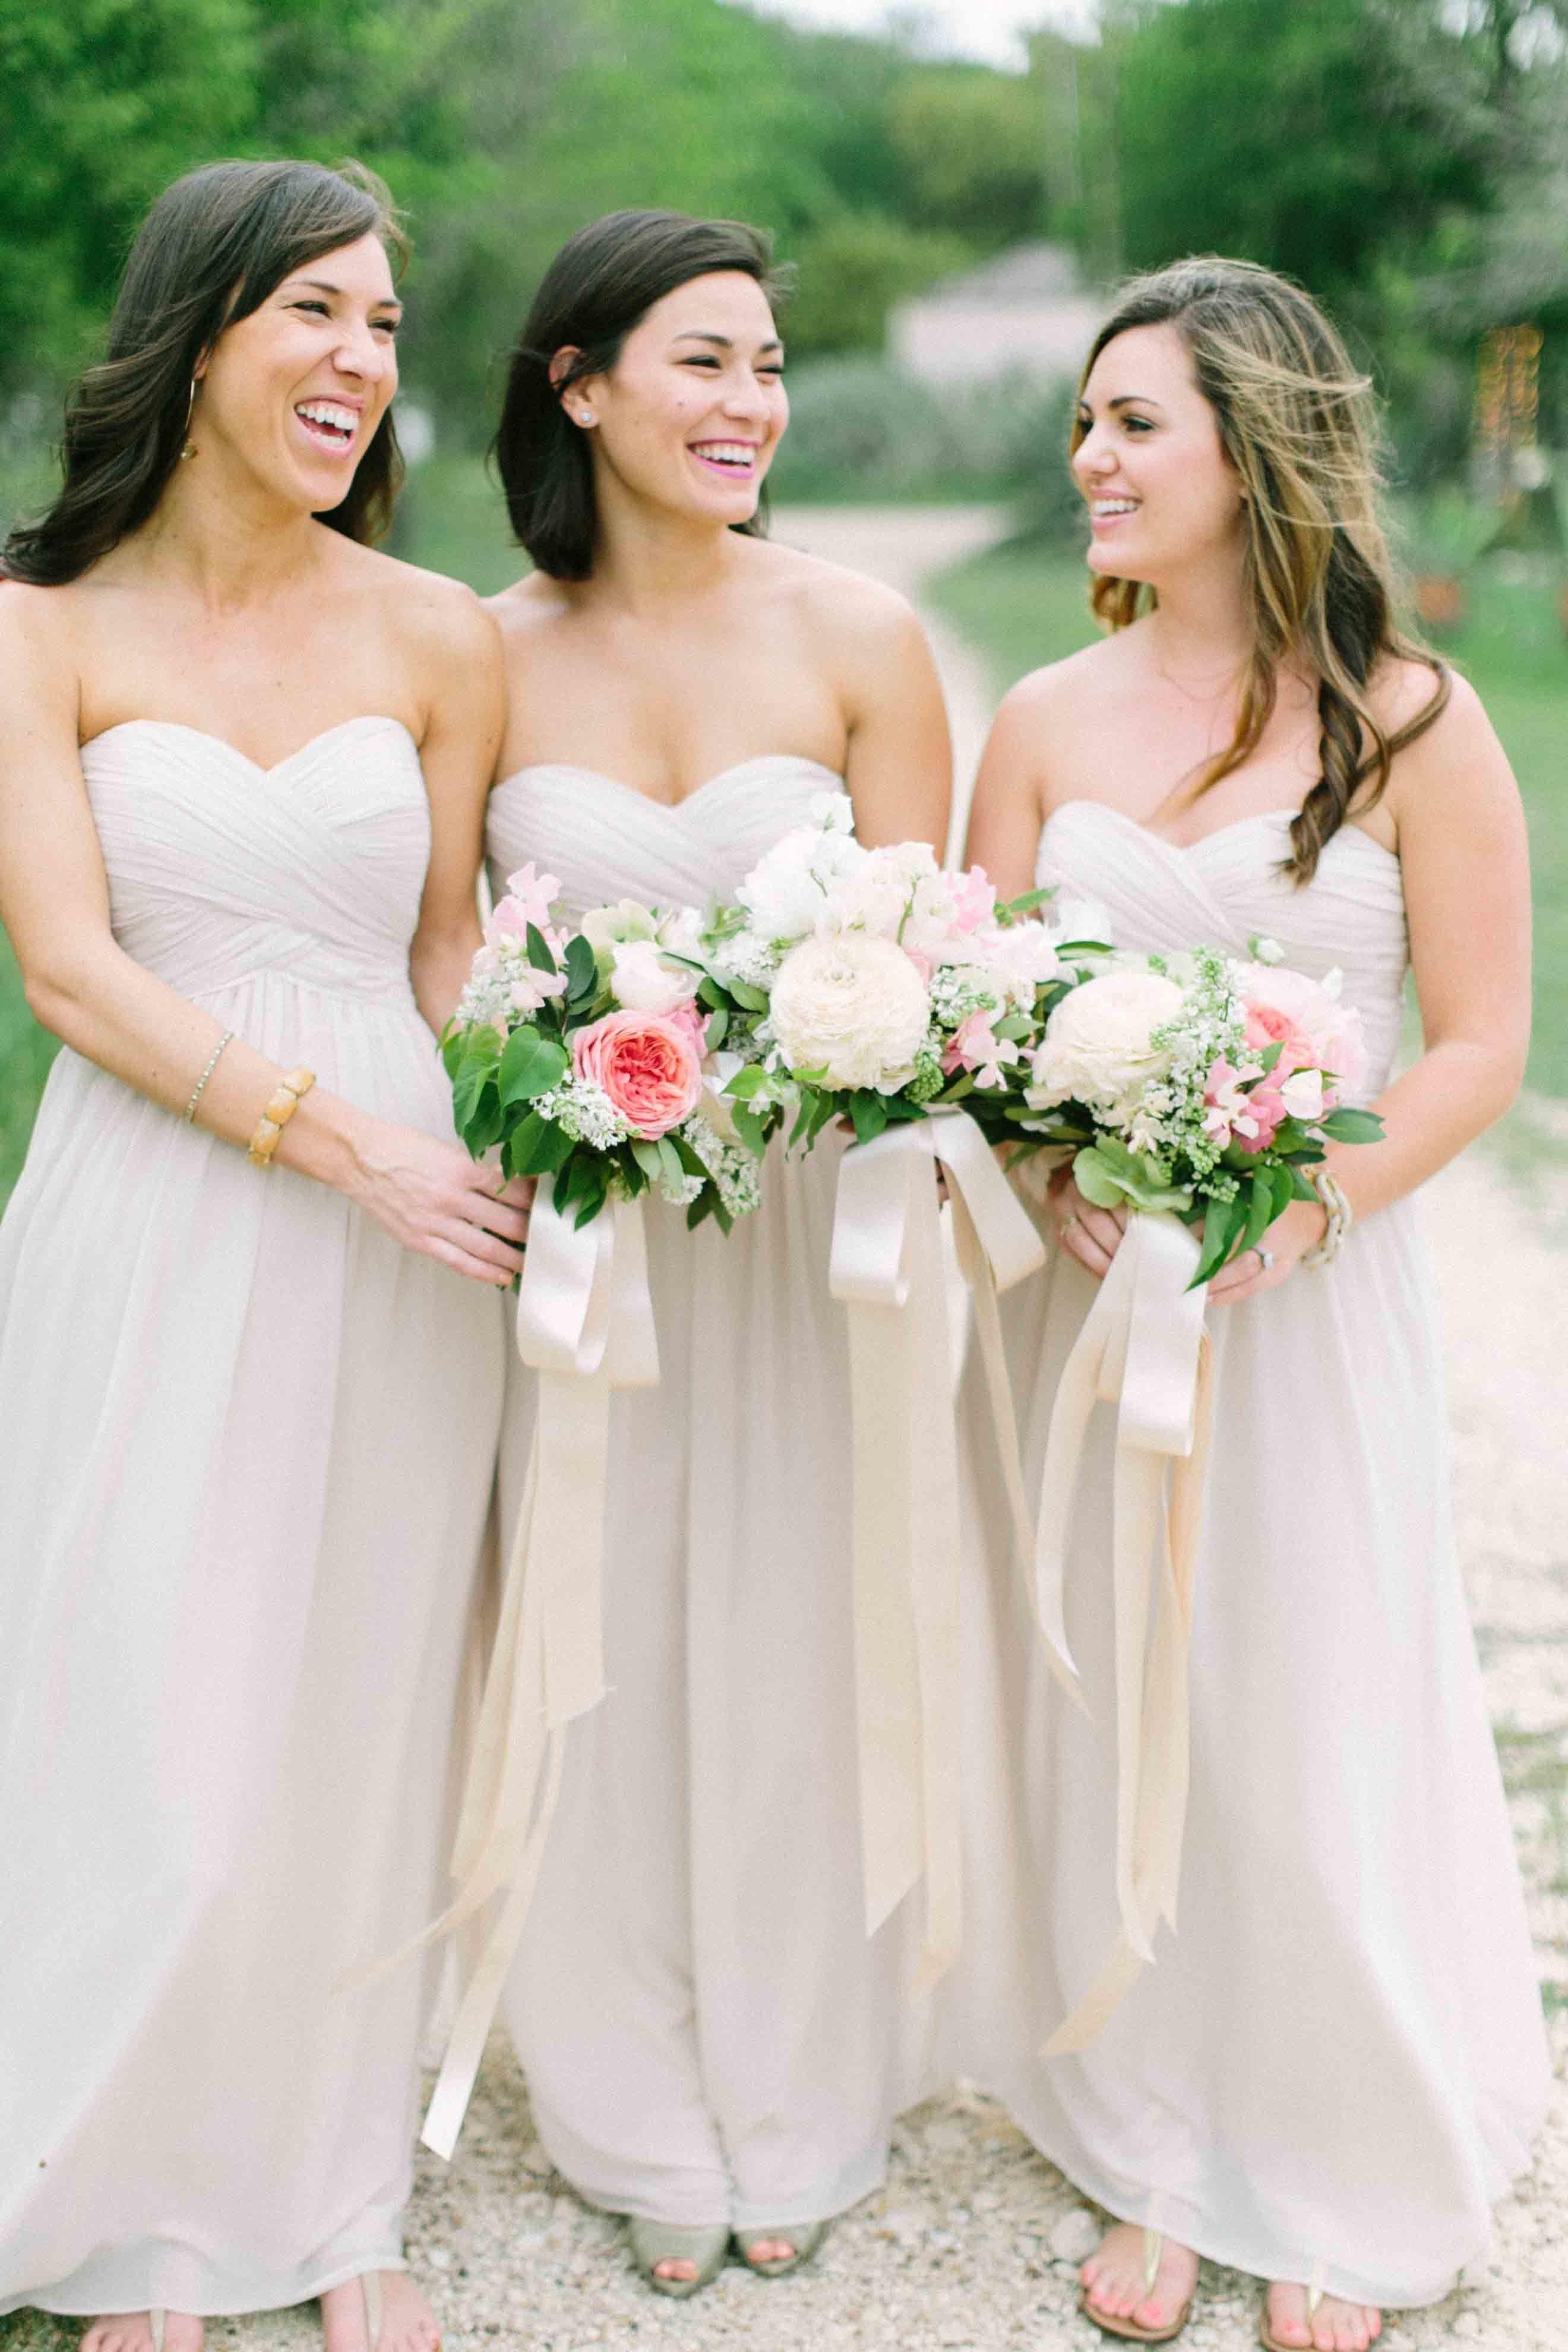 Jcrew wedding dress  Spring Garden Wedding full of Romance  w e d d i n g s